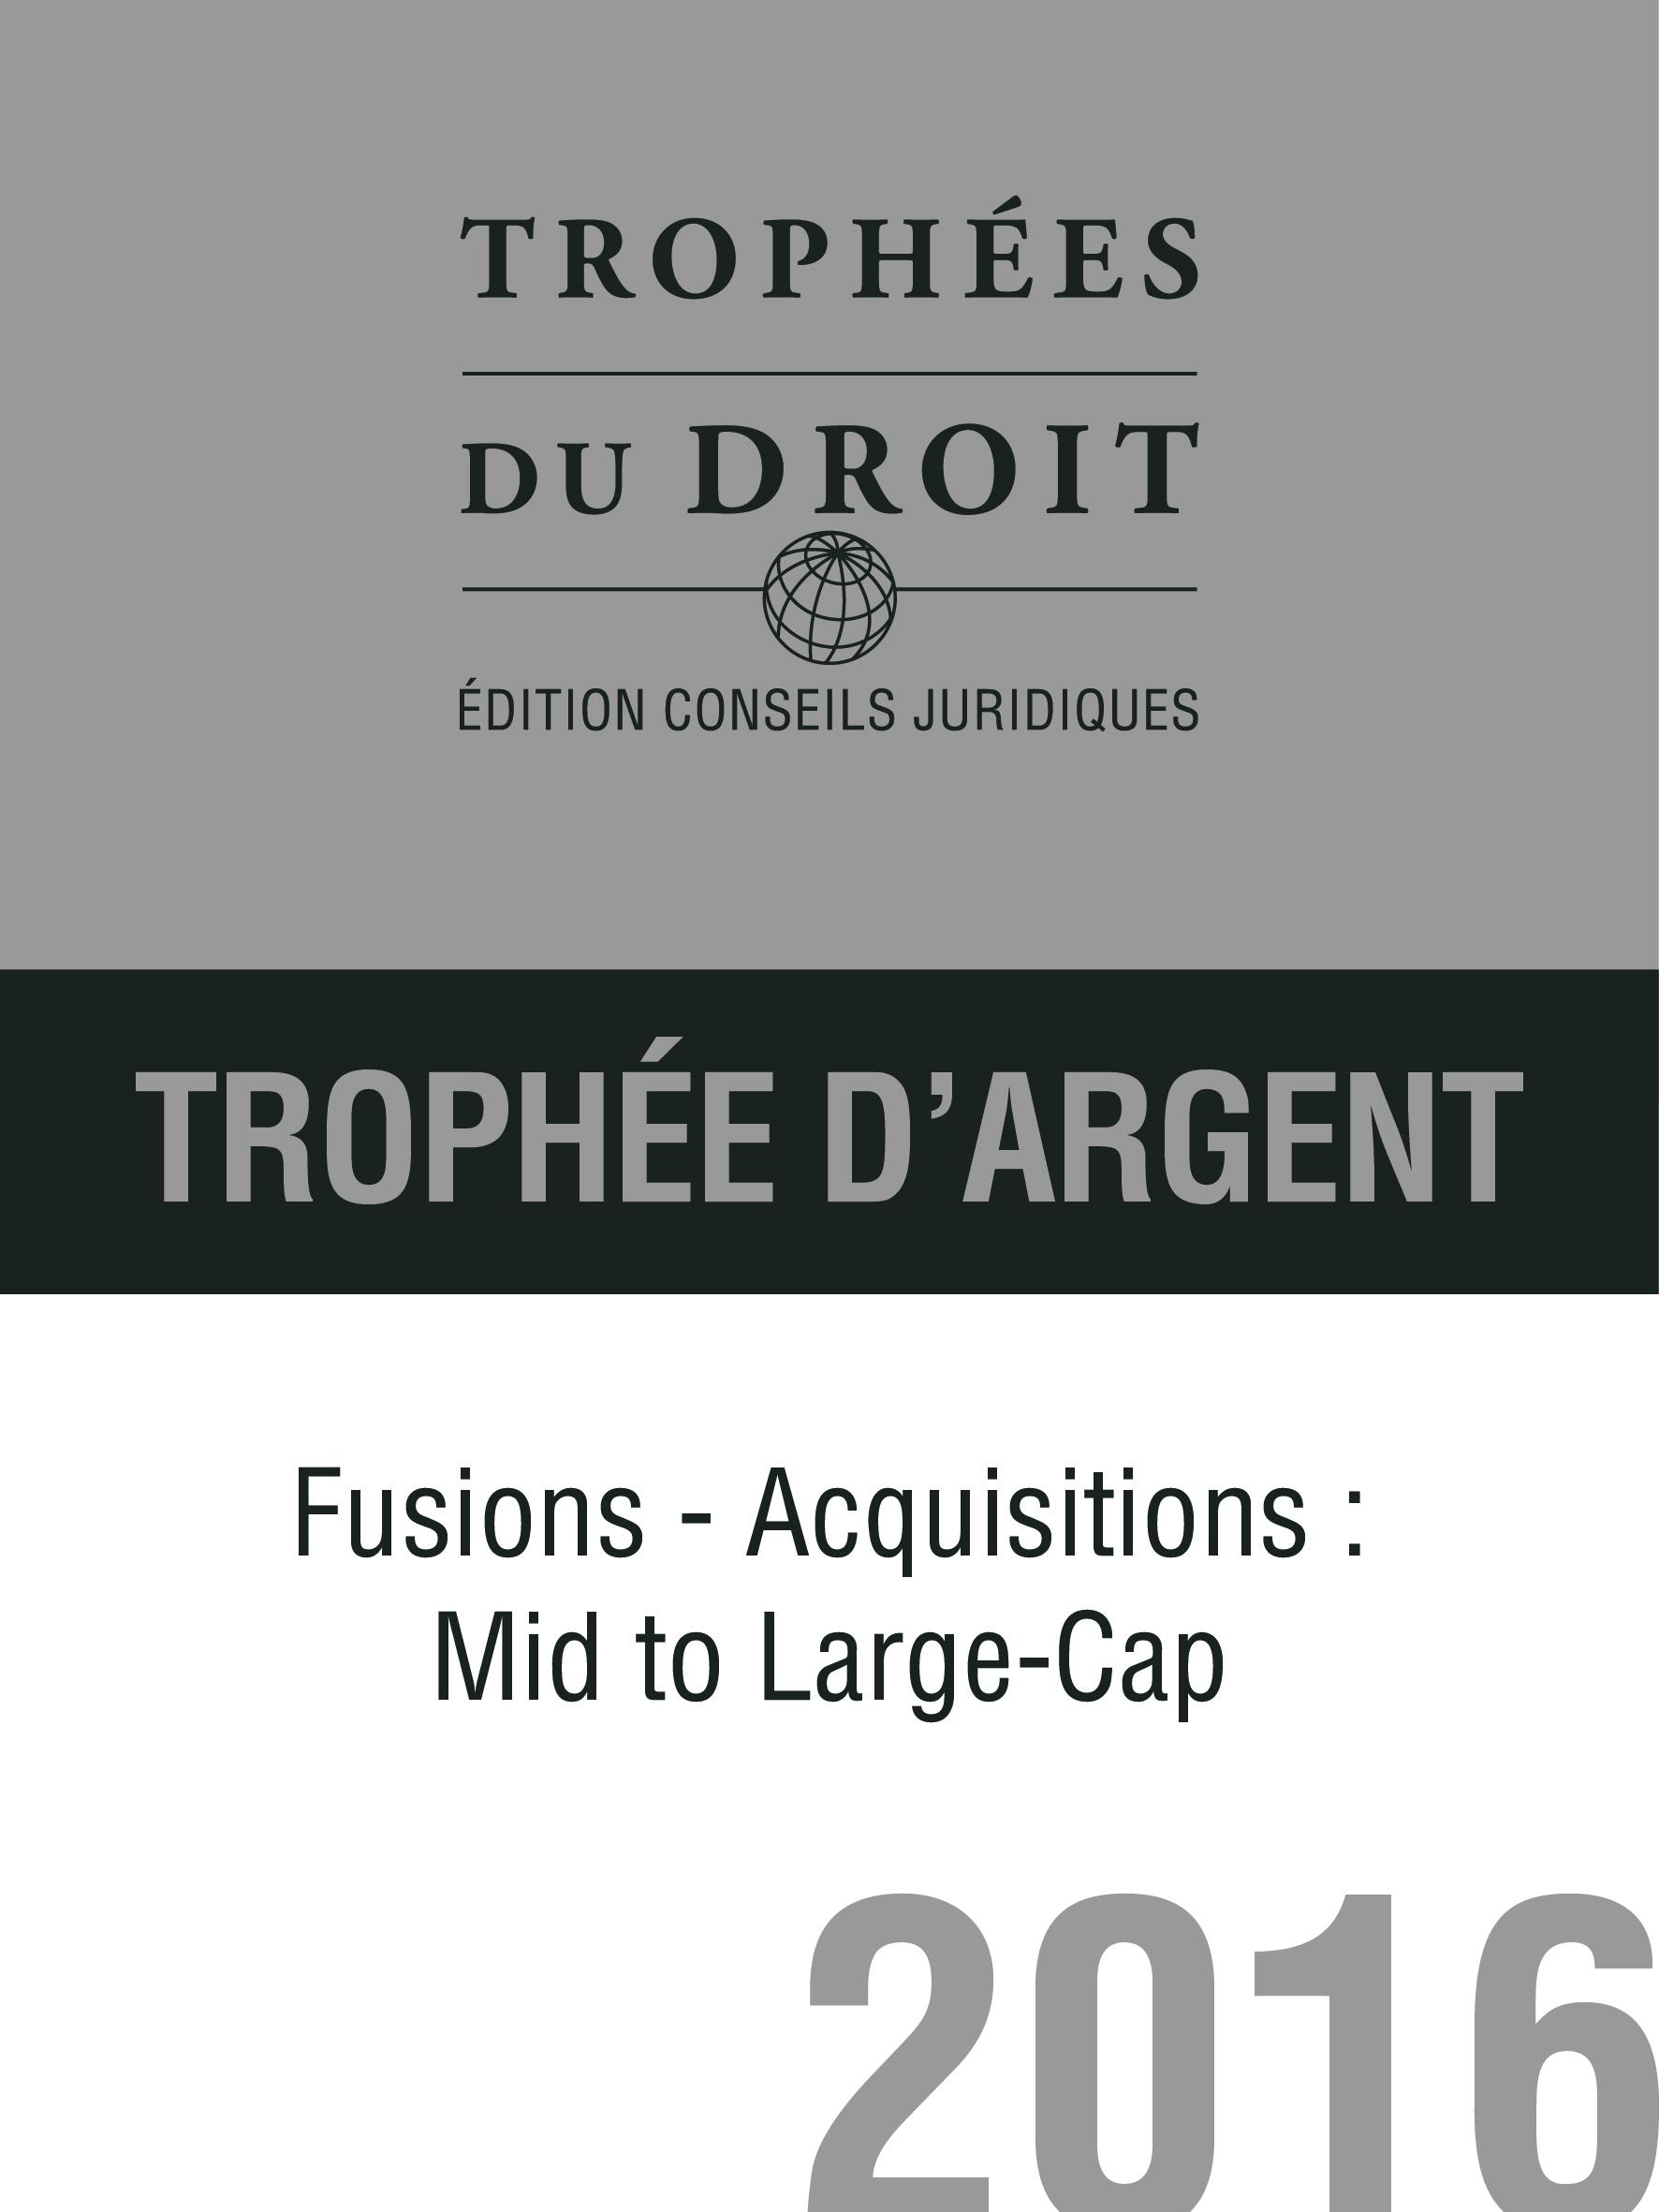 http://www.de-pardieu.com/wp-content/uploads/2016/03/Trophee_Argent_MA-Mid-to-Large-2016.jpg